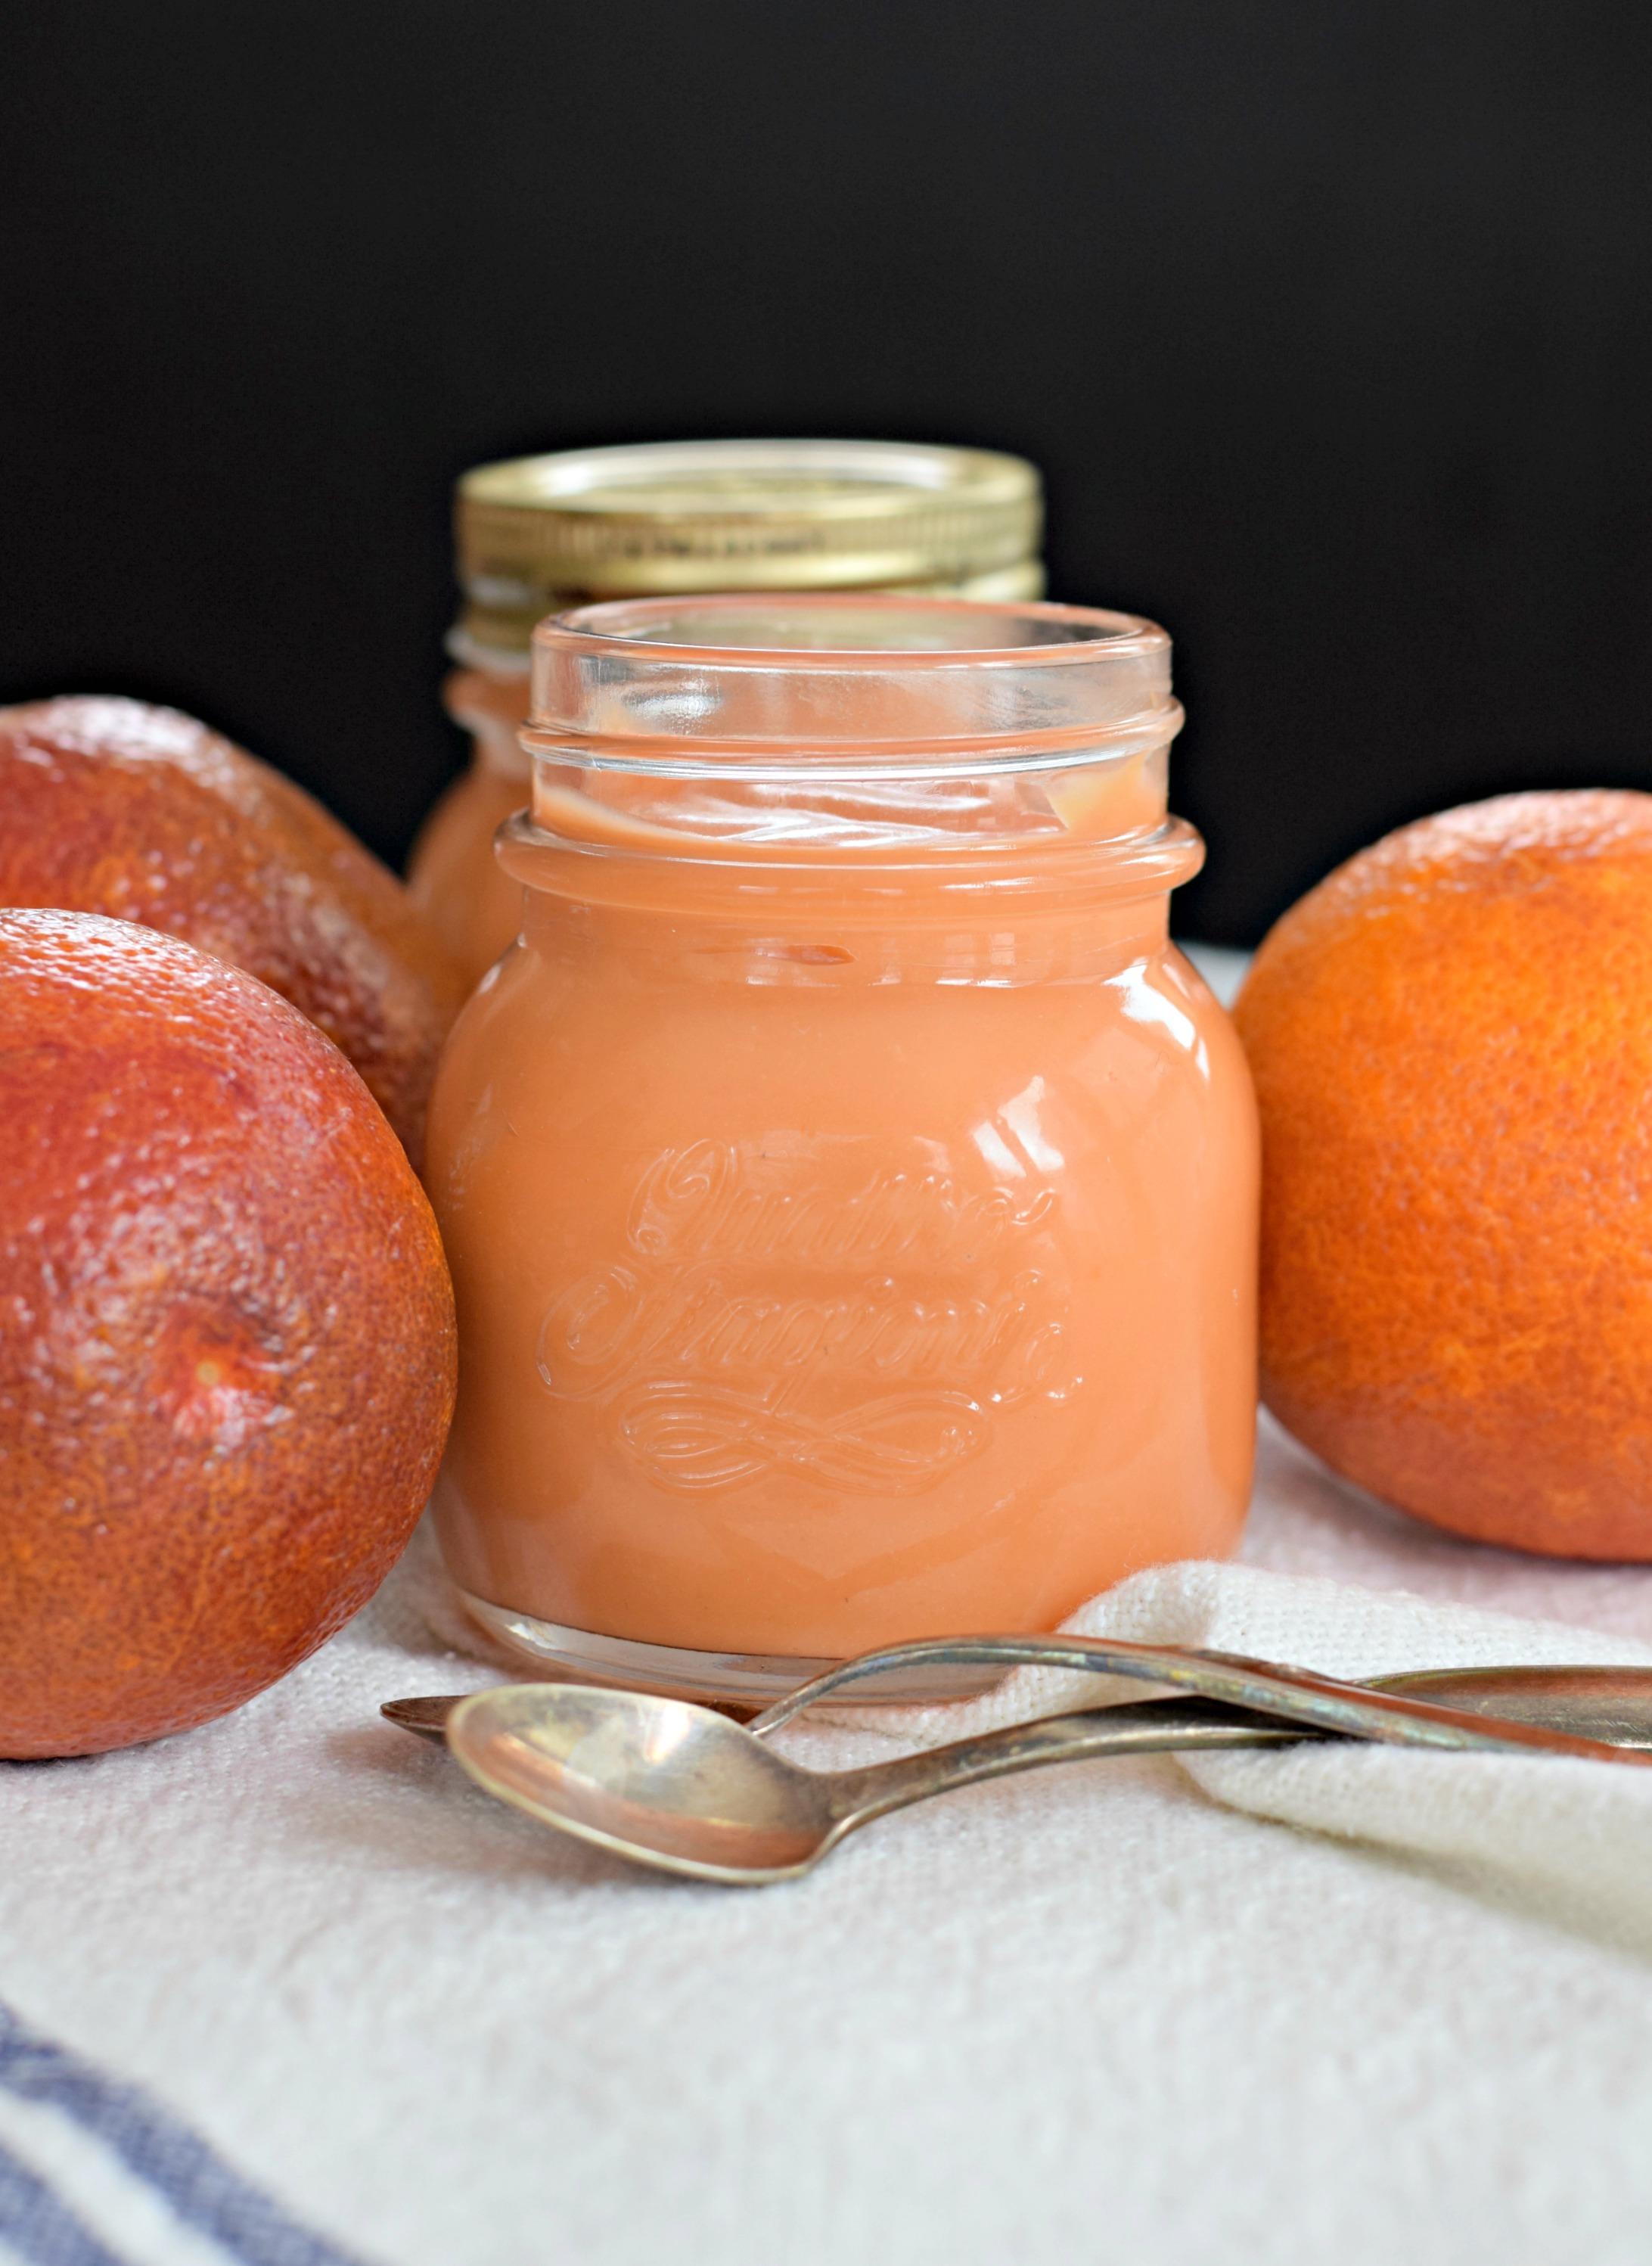 blood-orange-curd-spoons - West of the Loop